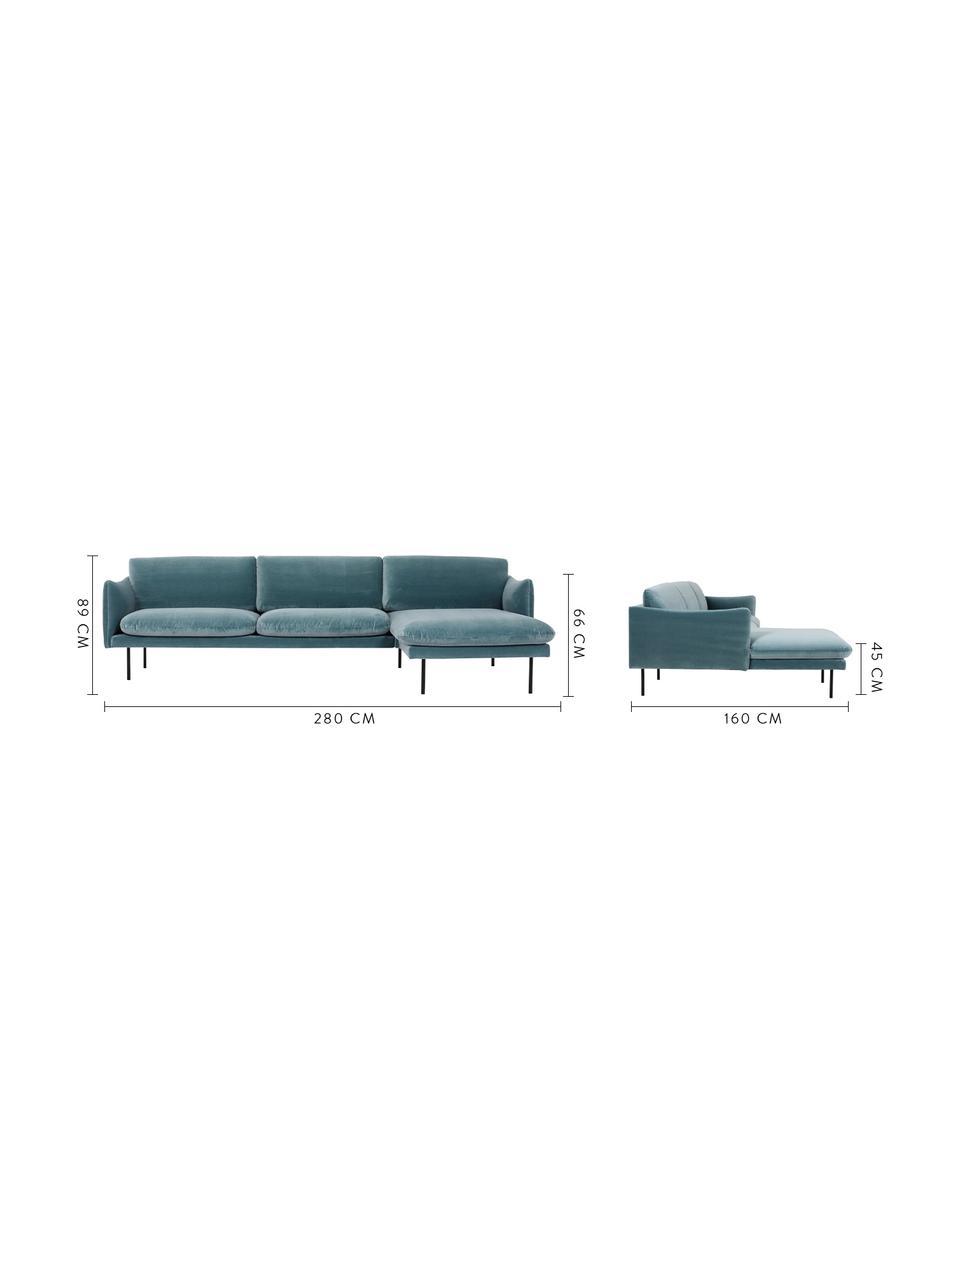 Fluwelen hoekbank Moby in turquoise met metalen poten, Bekleding: geweven stof (polyester), Frame: massief grenenhout, Poten: gelakt metaal, Fluweel turquoise, B 280 x D 160 cm